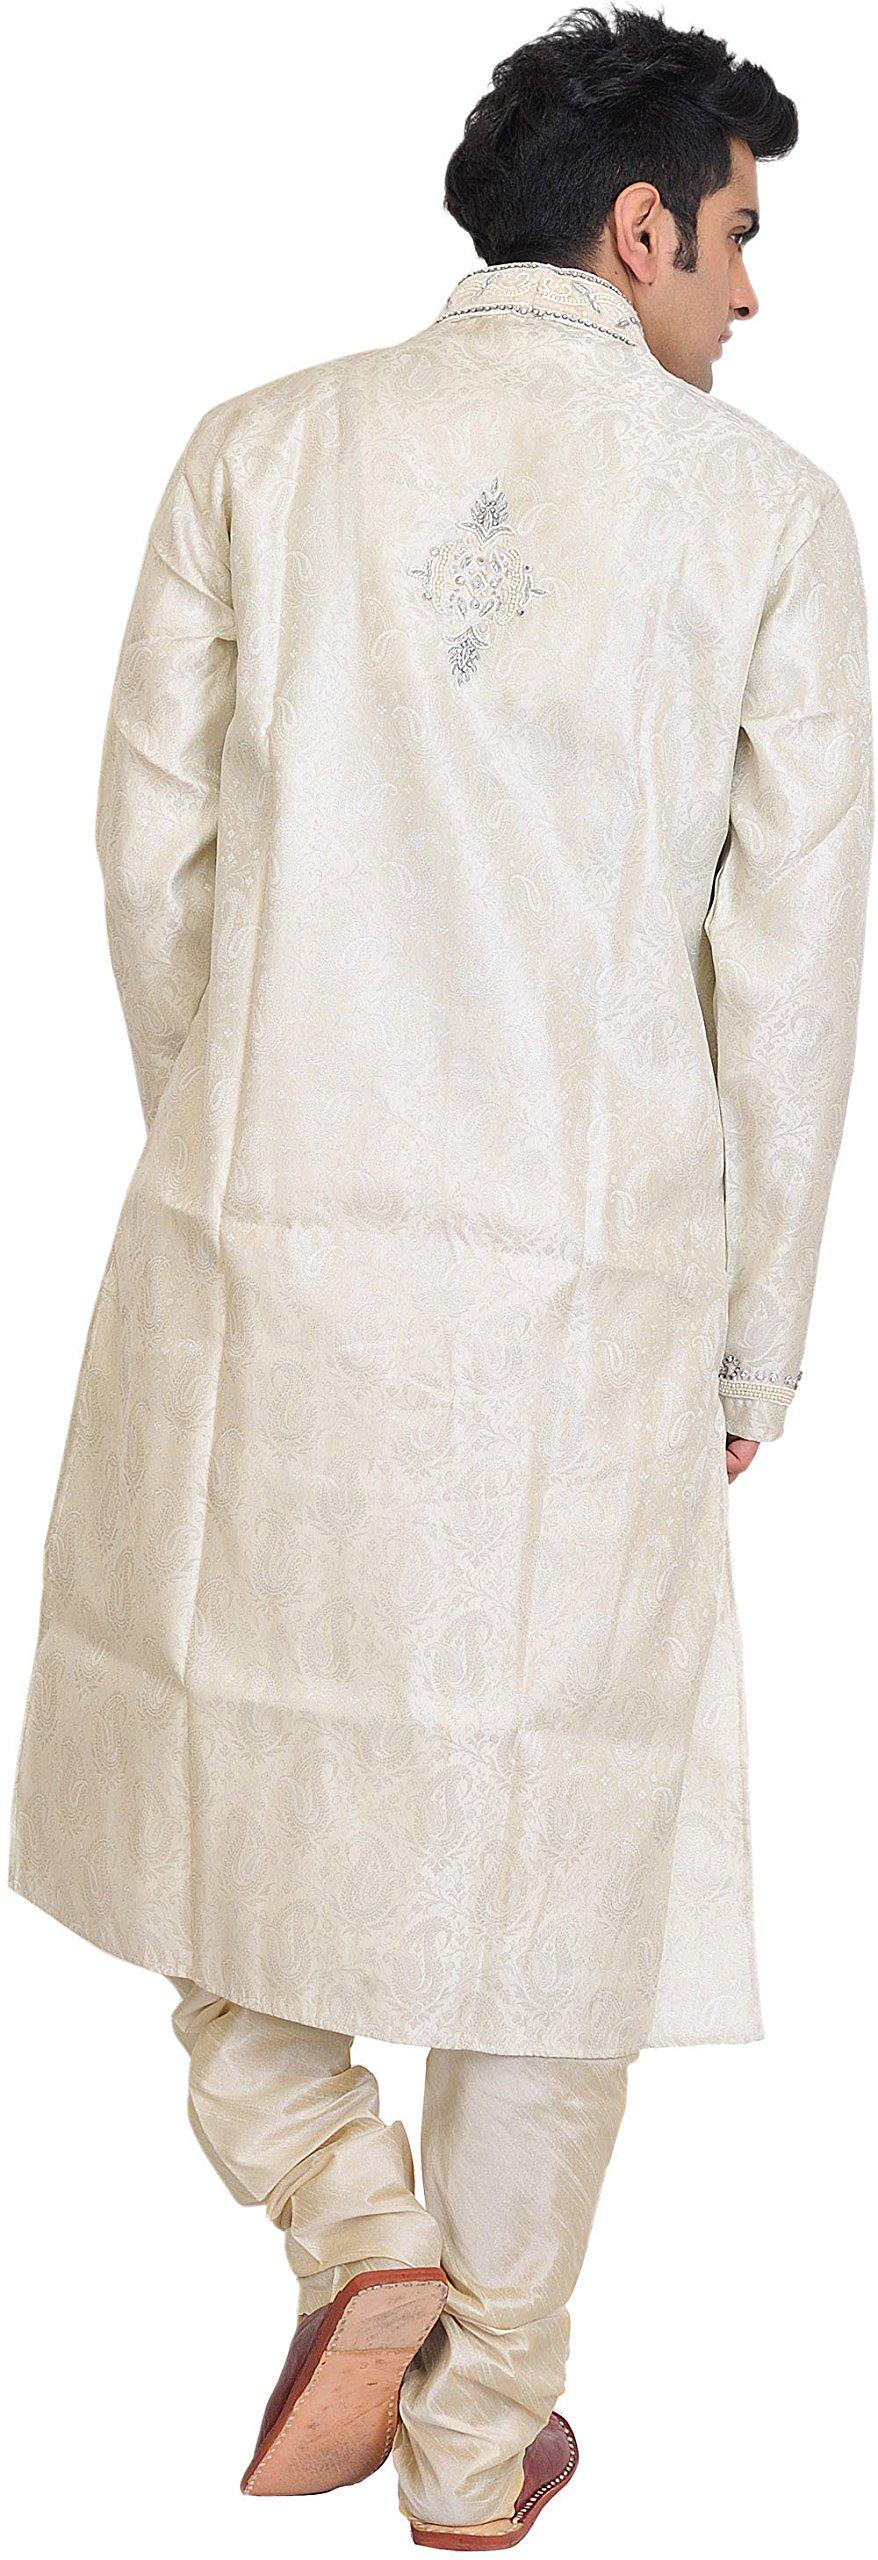 Exotic India Cloud-Cream Wedding Kurta Paja - Off-White Size 38 by Exotic India (Image #2)